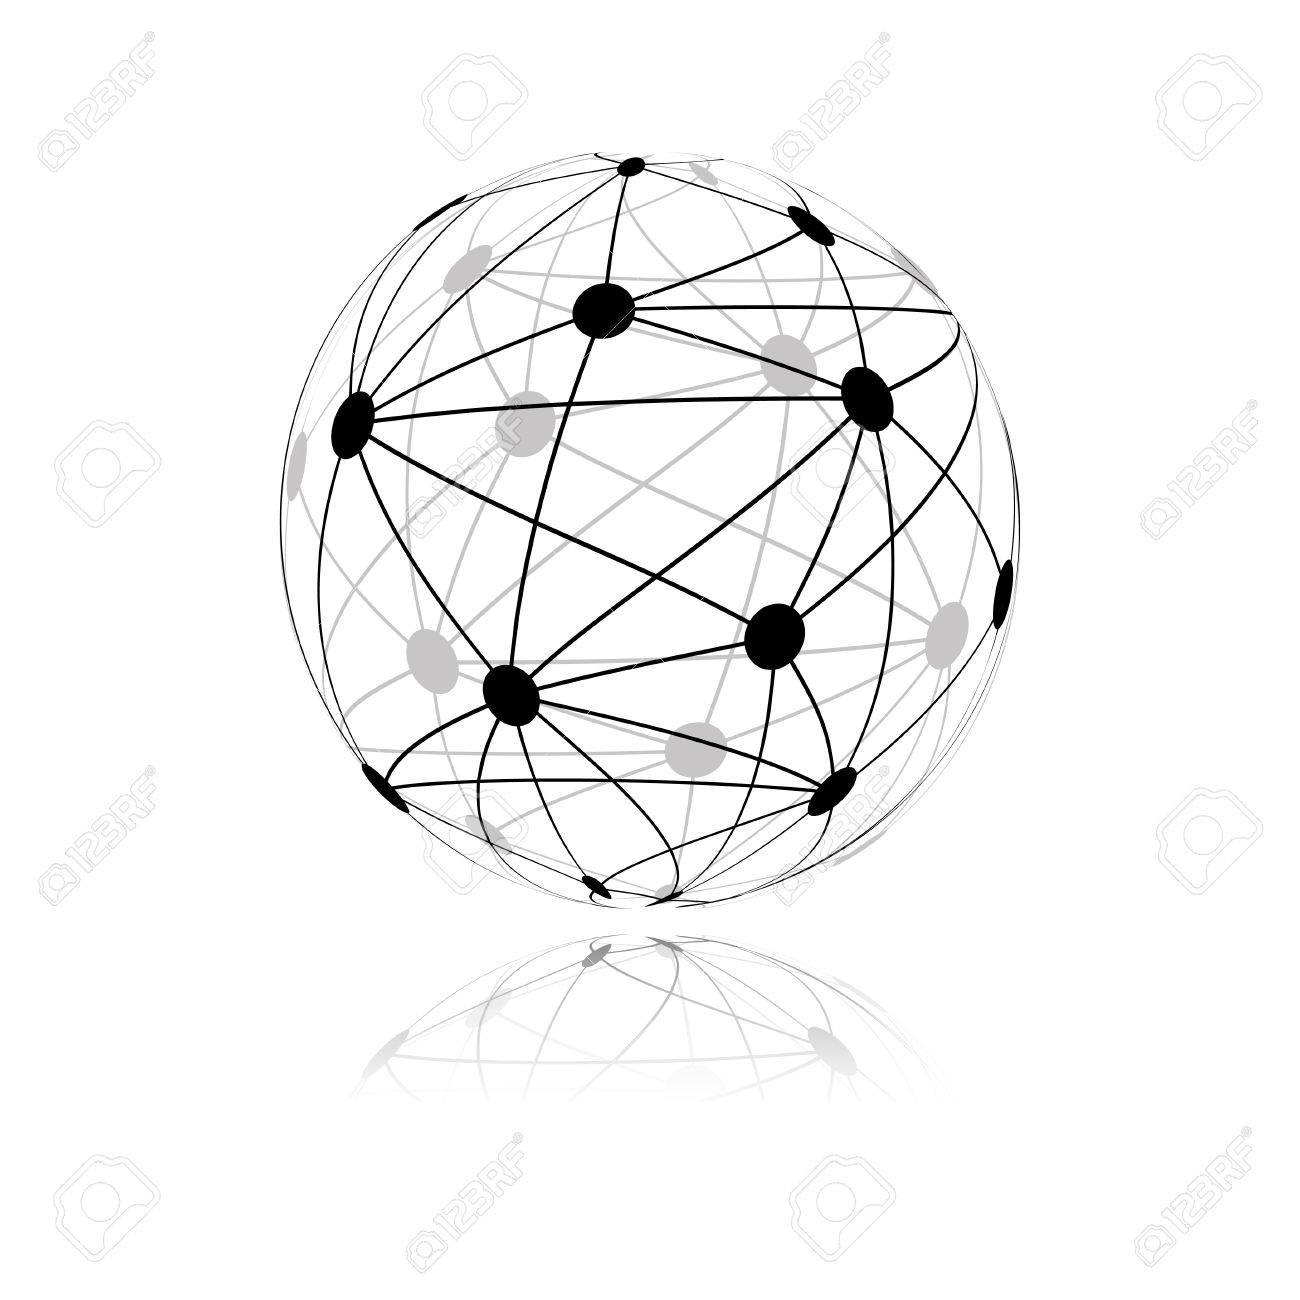 Sphere Drawing At Getdrawings